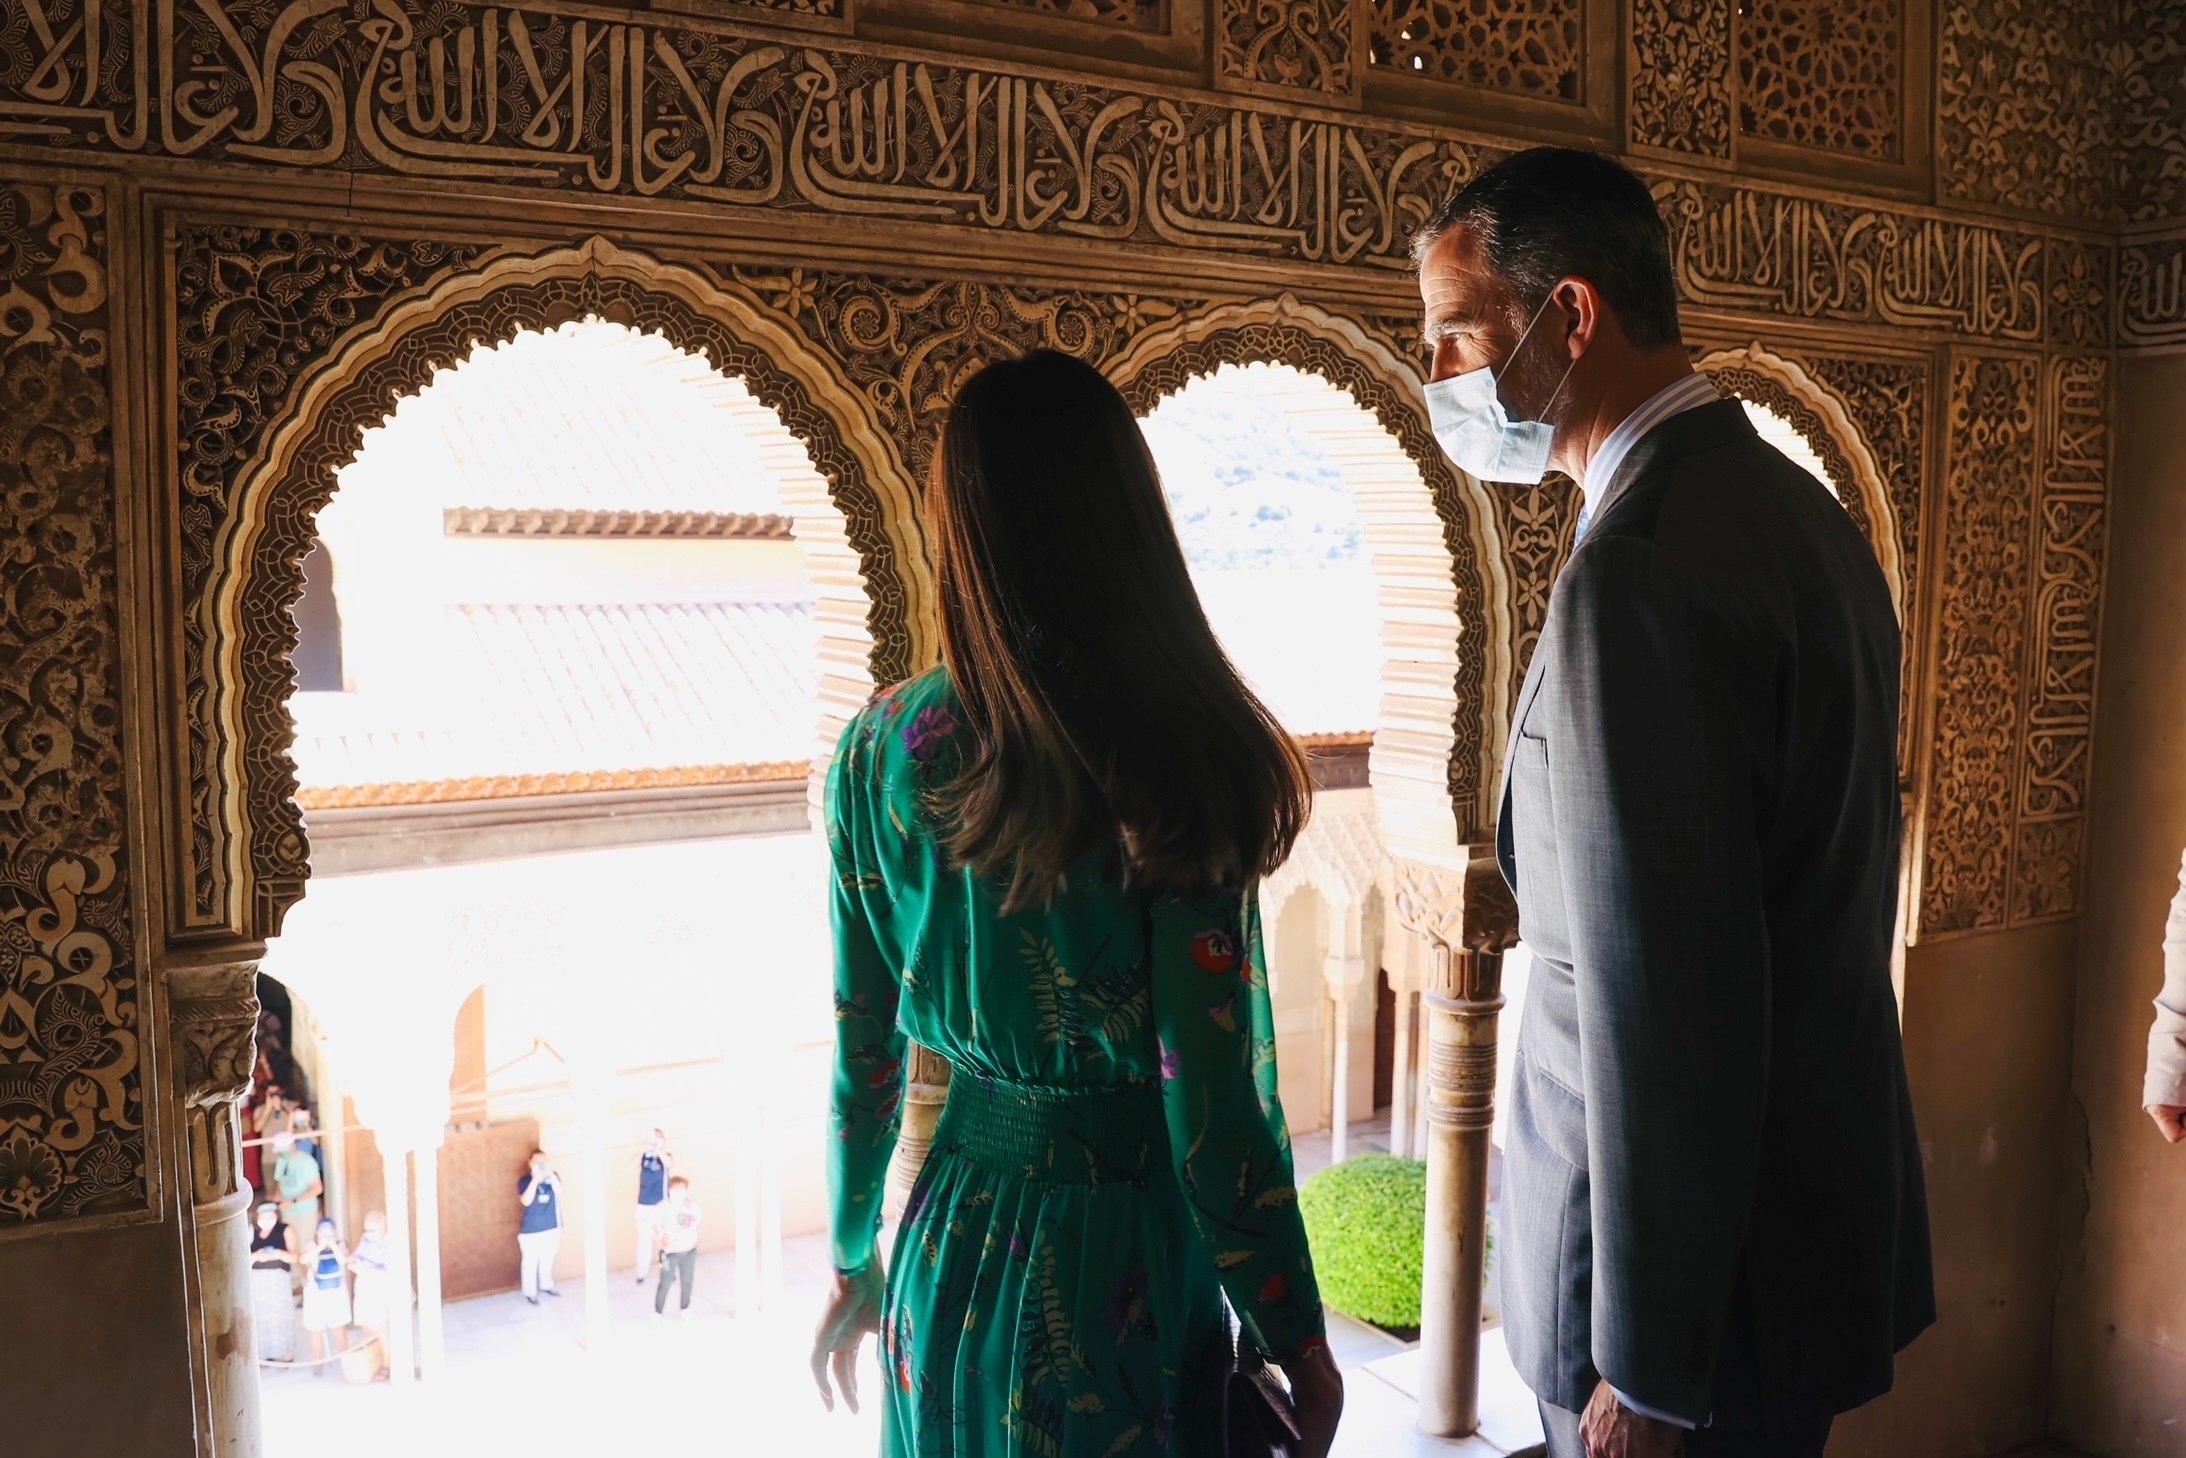 Los Reyes en el interior de la Alhambra, antes de inaugurar la exposición.